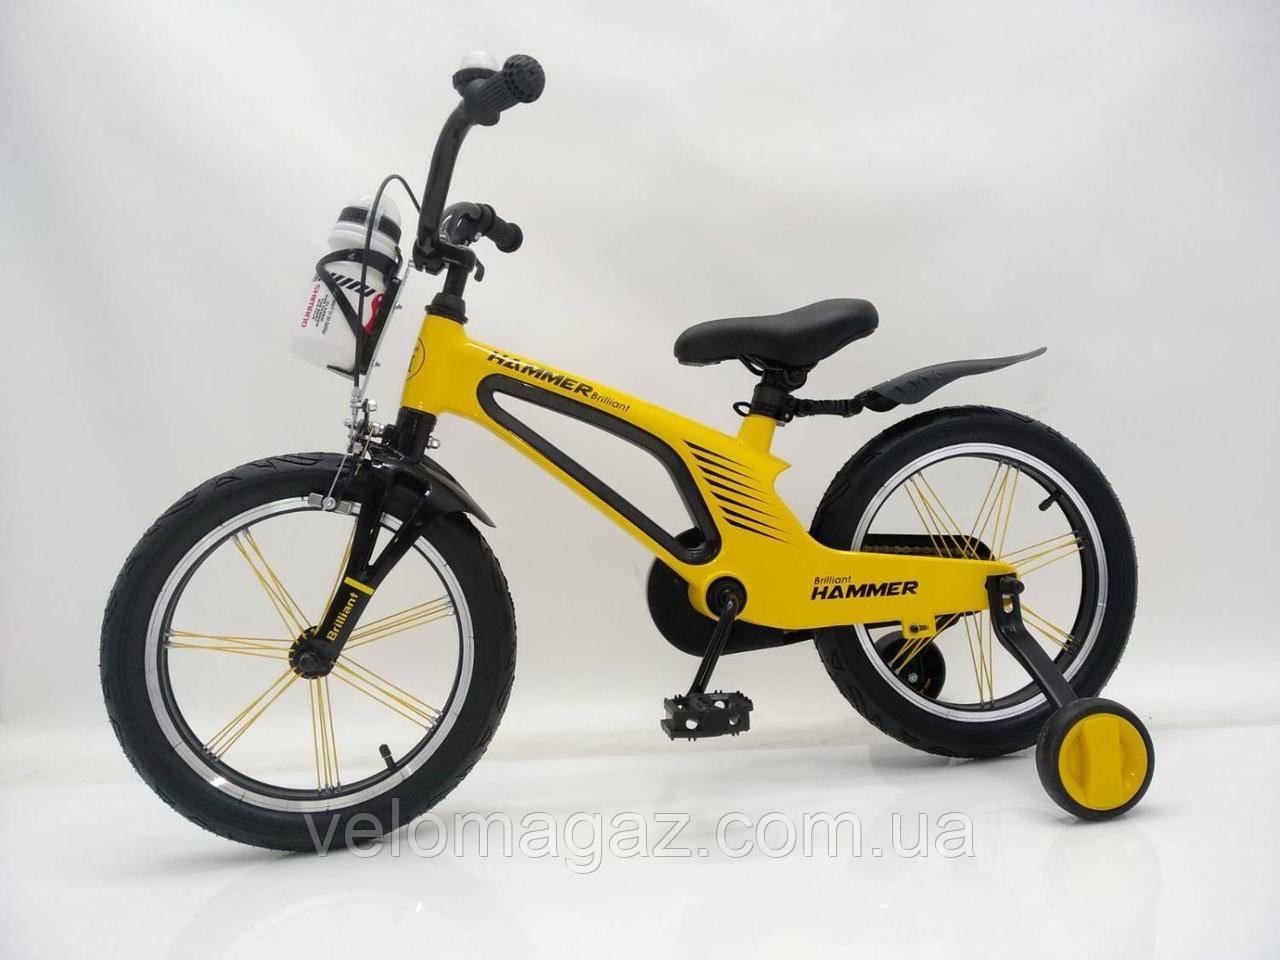 """Детский магниевый велосипед 16"""" Brilliant HMR-880, желтый"""